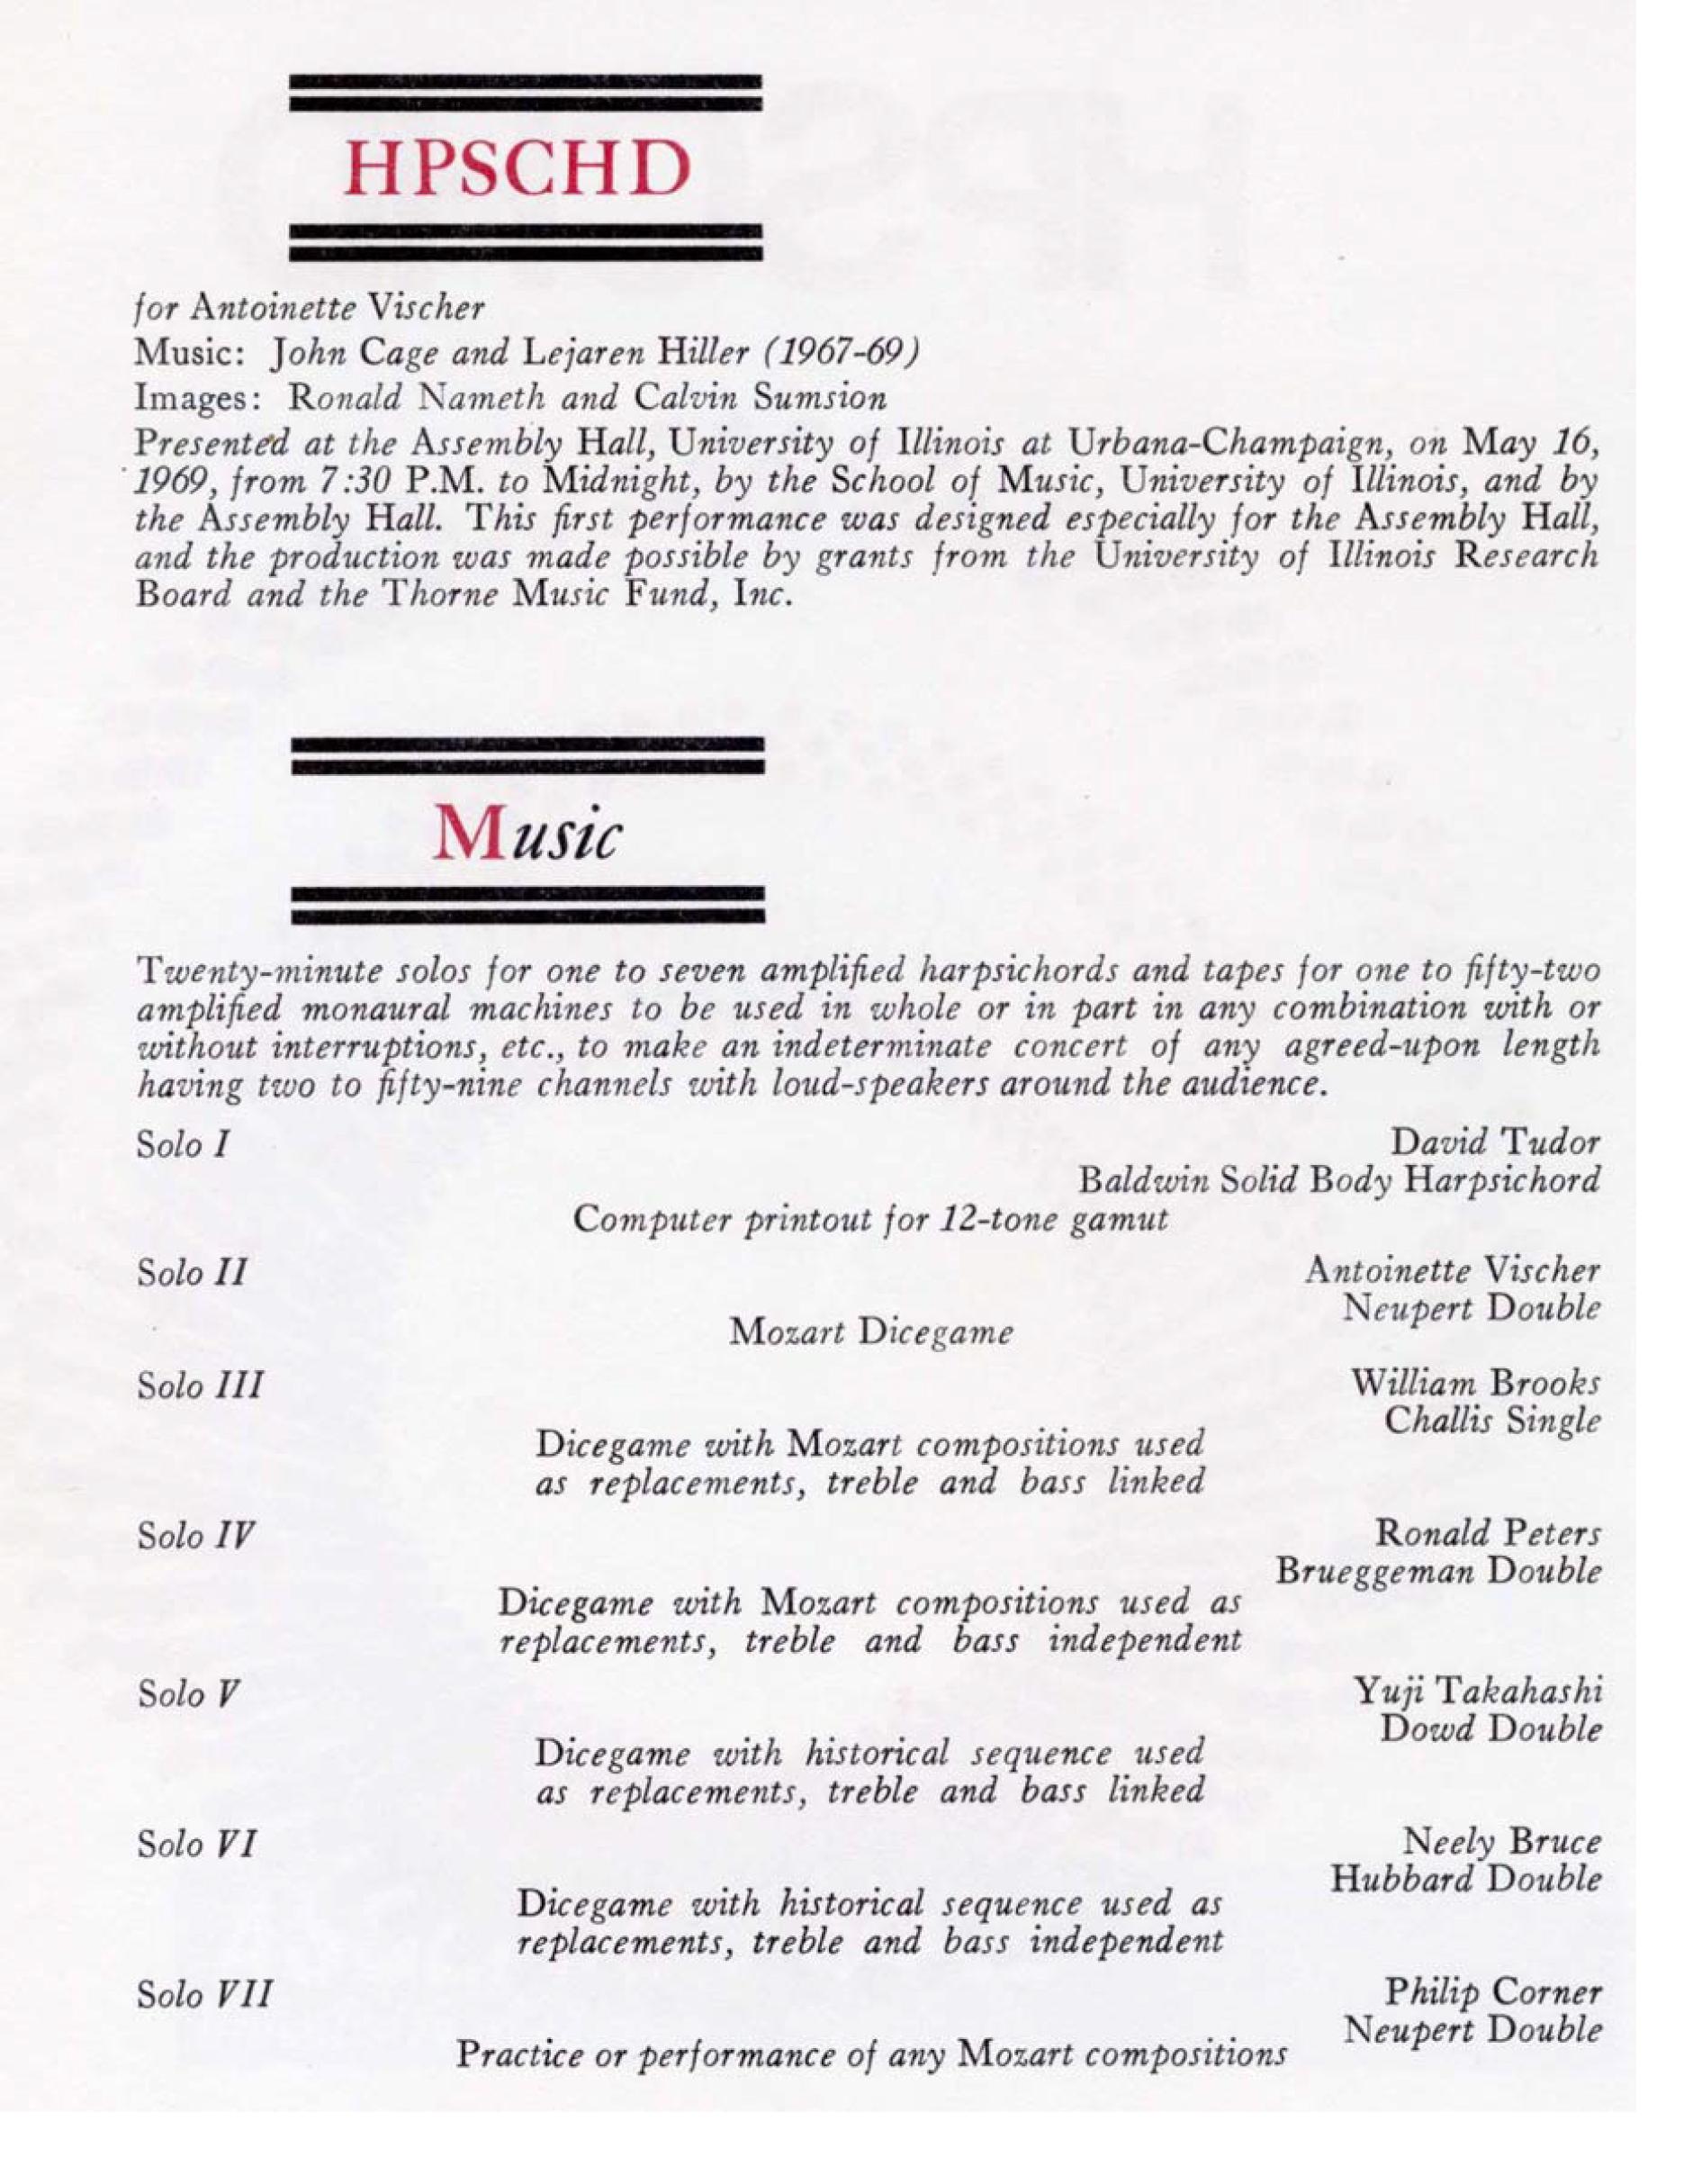 L'immagine sopra, compresa quella di seguito, mostra il programma di sala della prima esecuzione, nel 1969. Tuttavia bisogna ricordare che altre esecuzioni, seppure con alcune modifiche, furono organizzate nel corso dello stesso anno e degli anni successivi, fino ad arrivare ad anni piuttosto recenti.